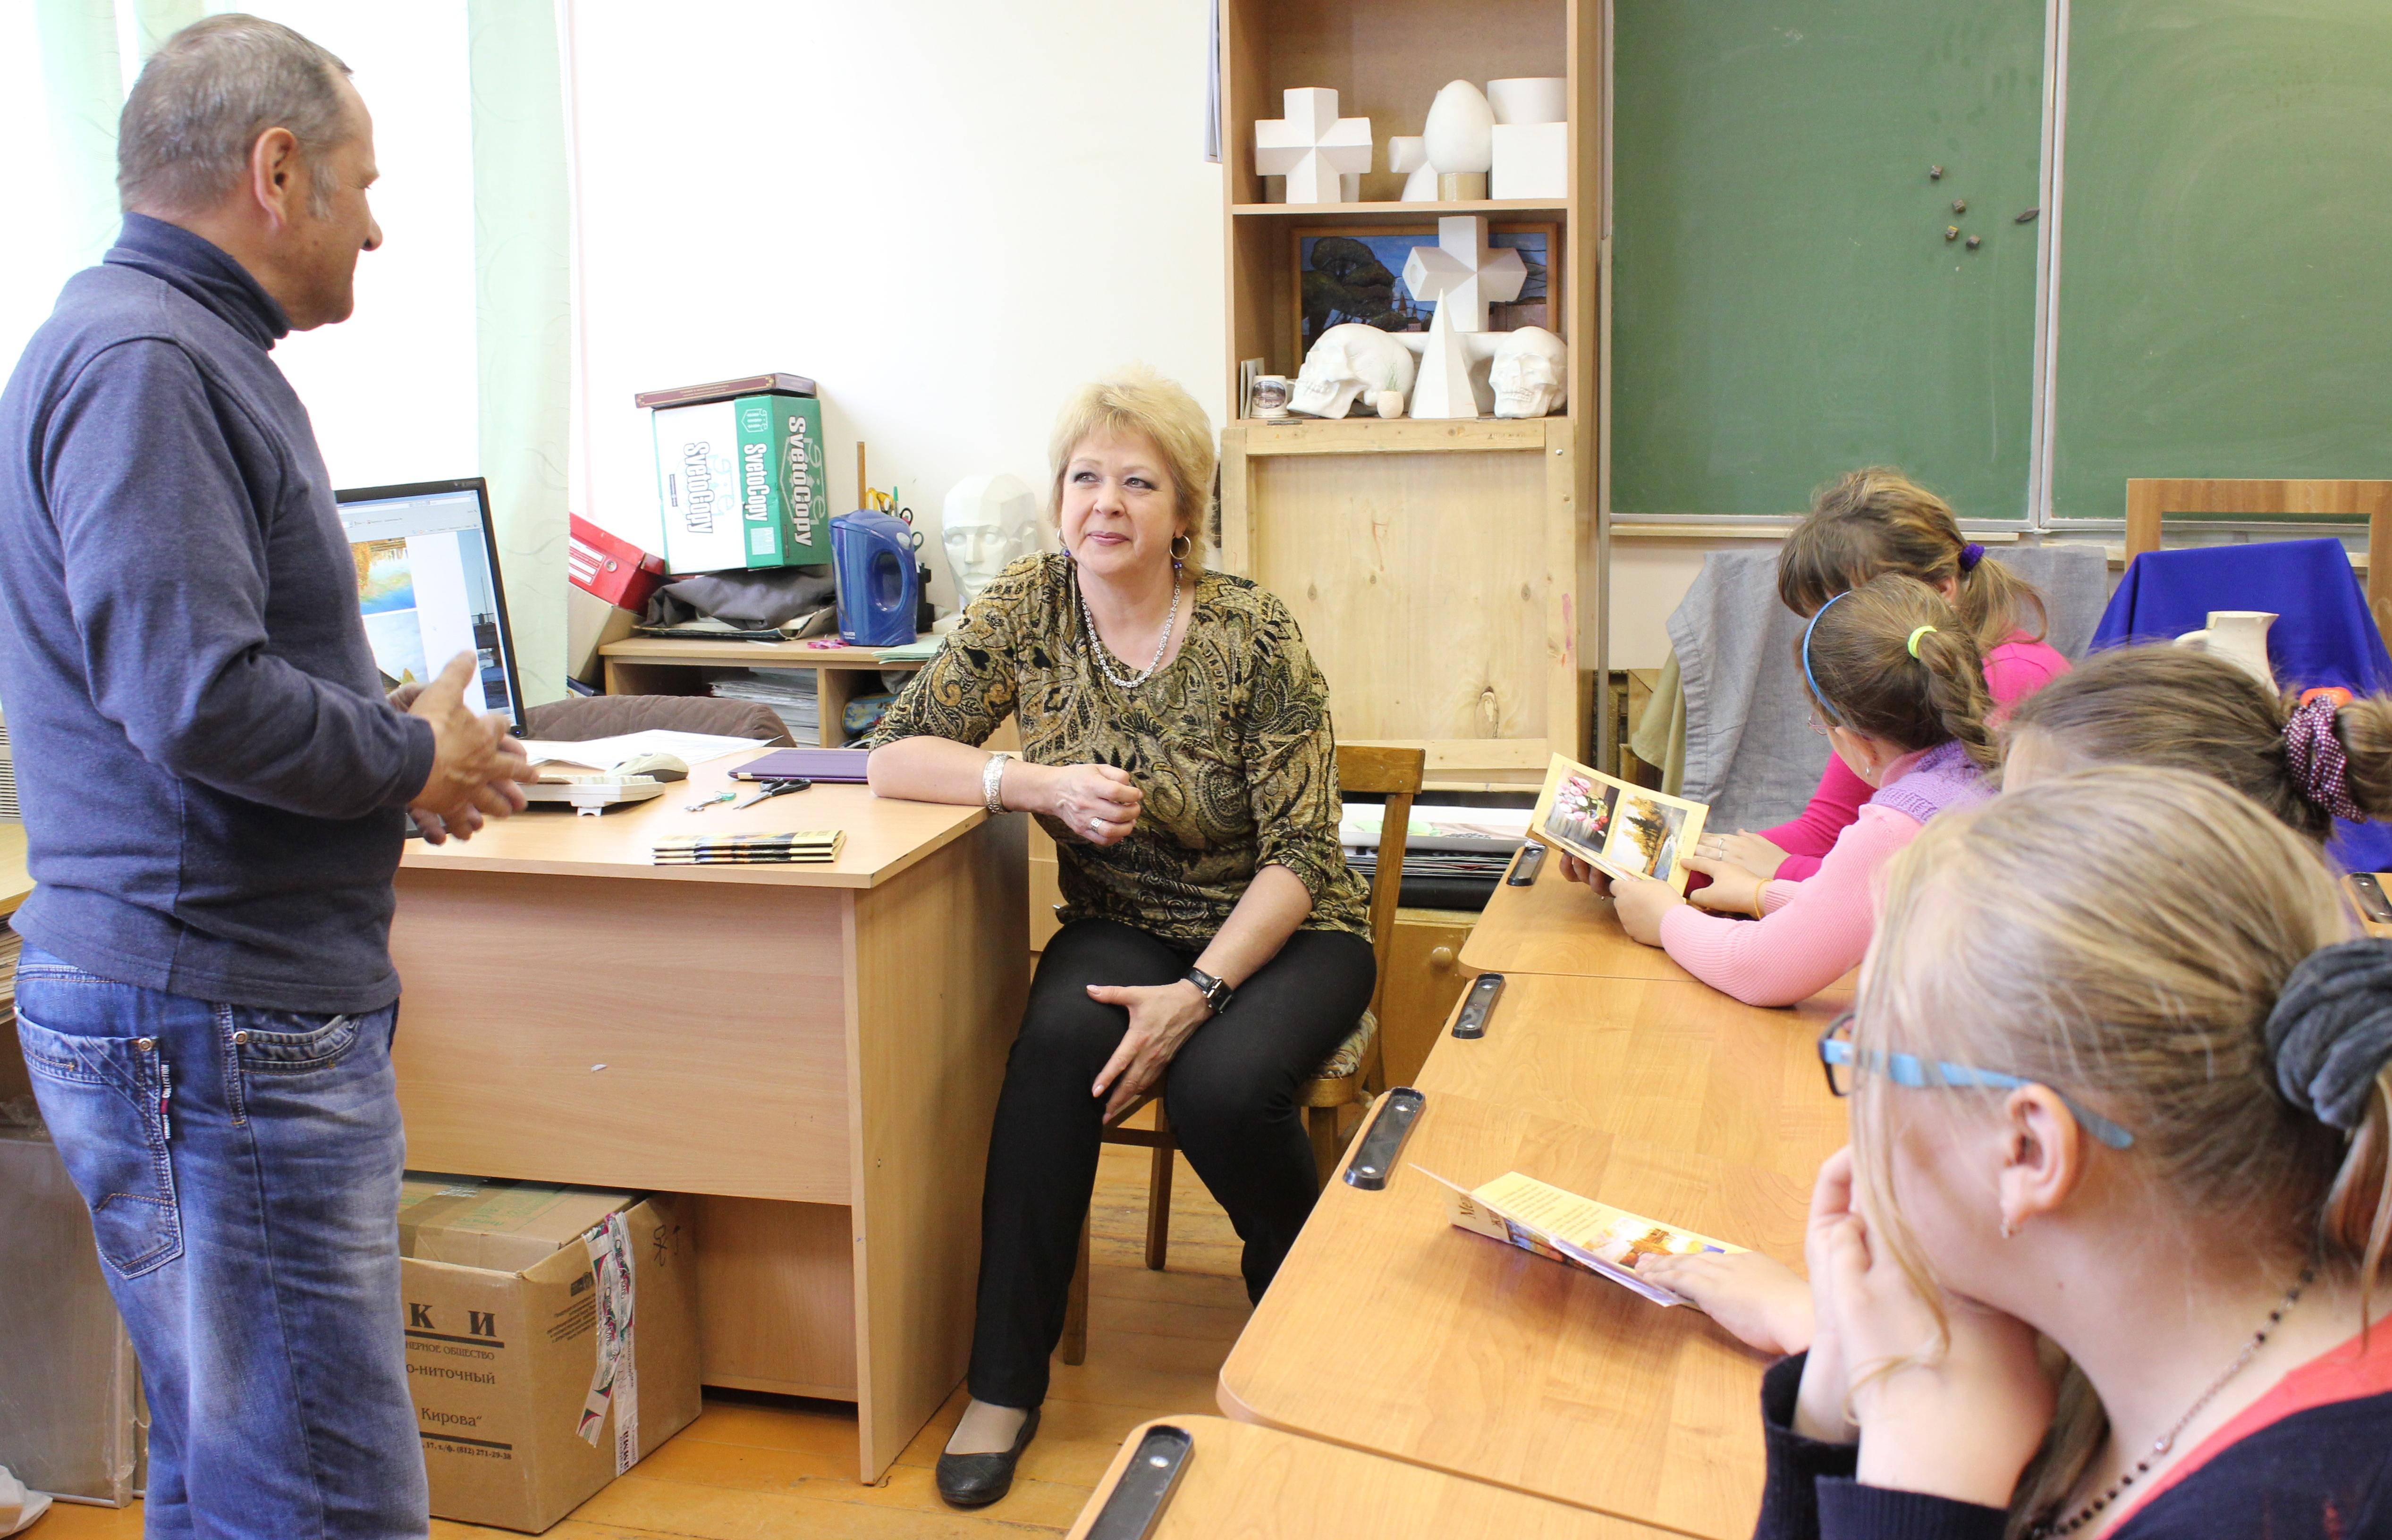 Творческая встреча В. Кобоева с учащимися Петроз. детской школы искусств. 28 мая 2014 г. Фото М. Июдиной